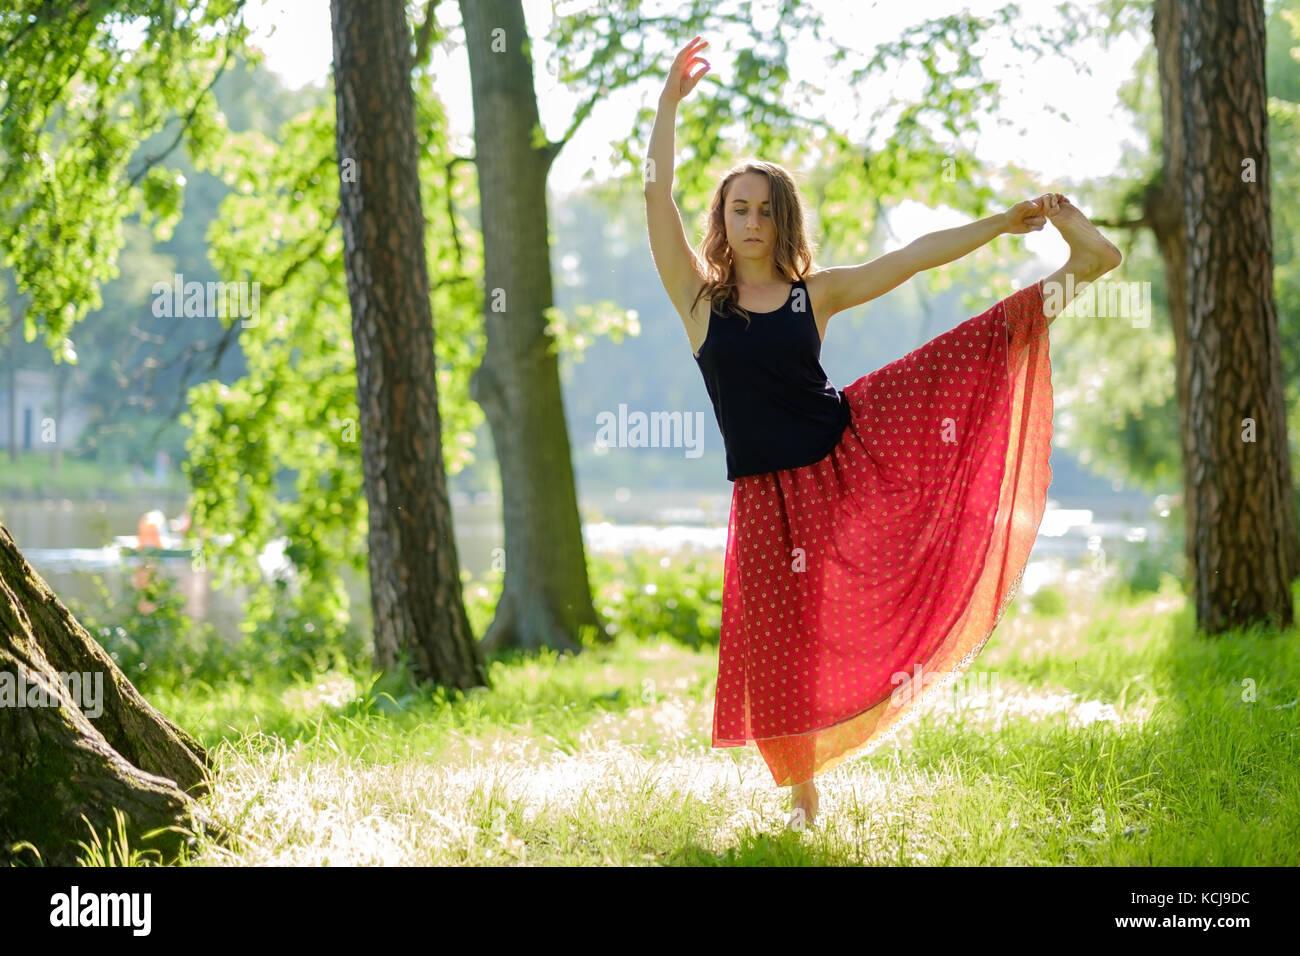 Caucasian woman en jupe rouge faisant équilibre yoga asana dans parc d'été. Photo Stock